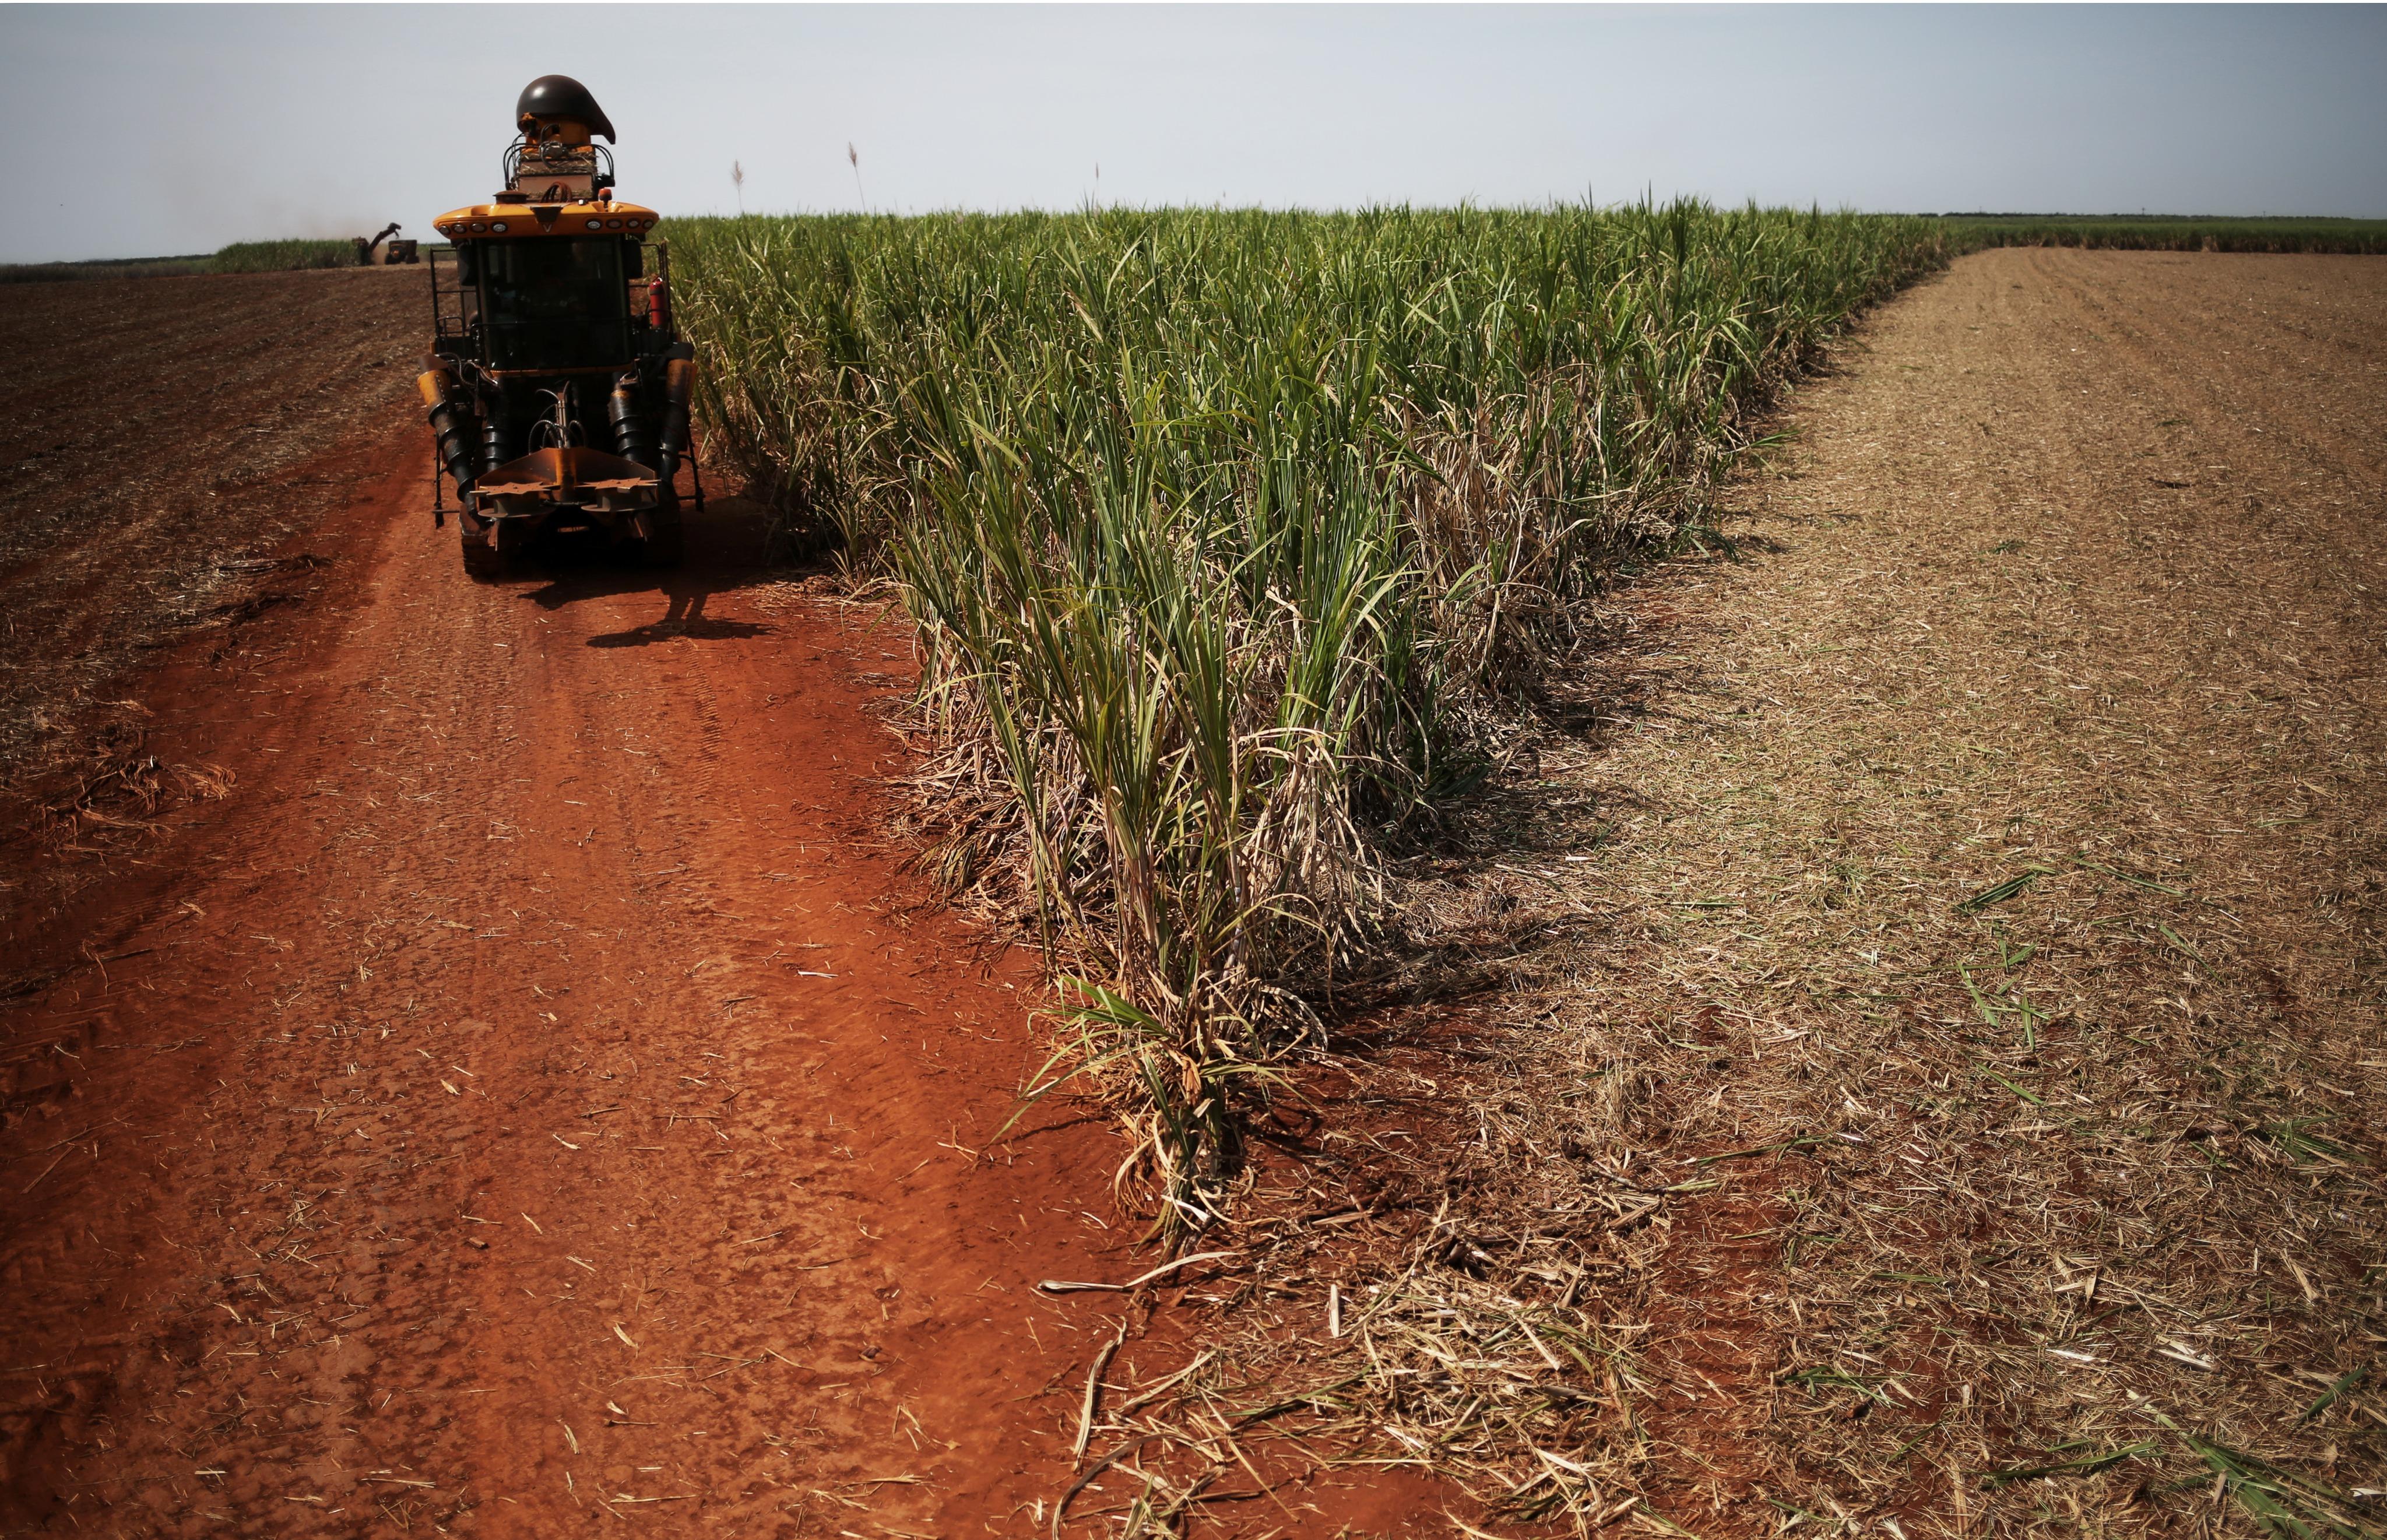 Colheita de cana-de-açúcar em usina em Ribeirão Preto (SP), no Brasil REUTERS/Nacho Doce